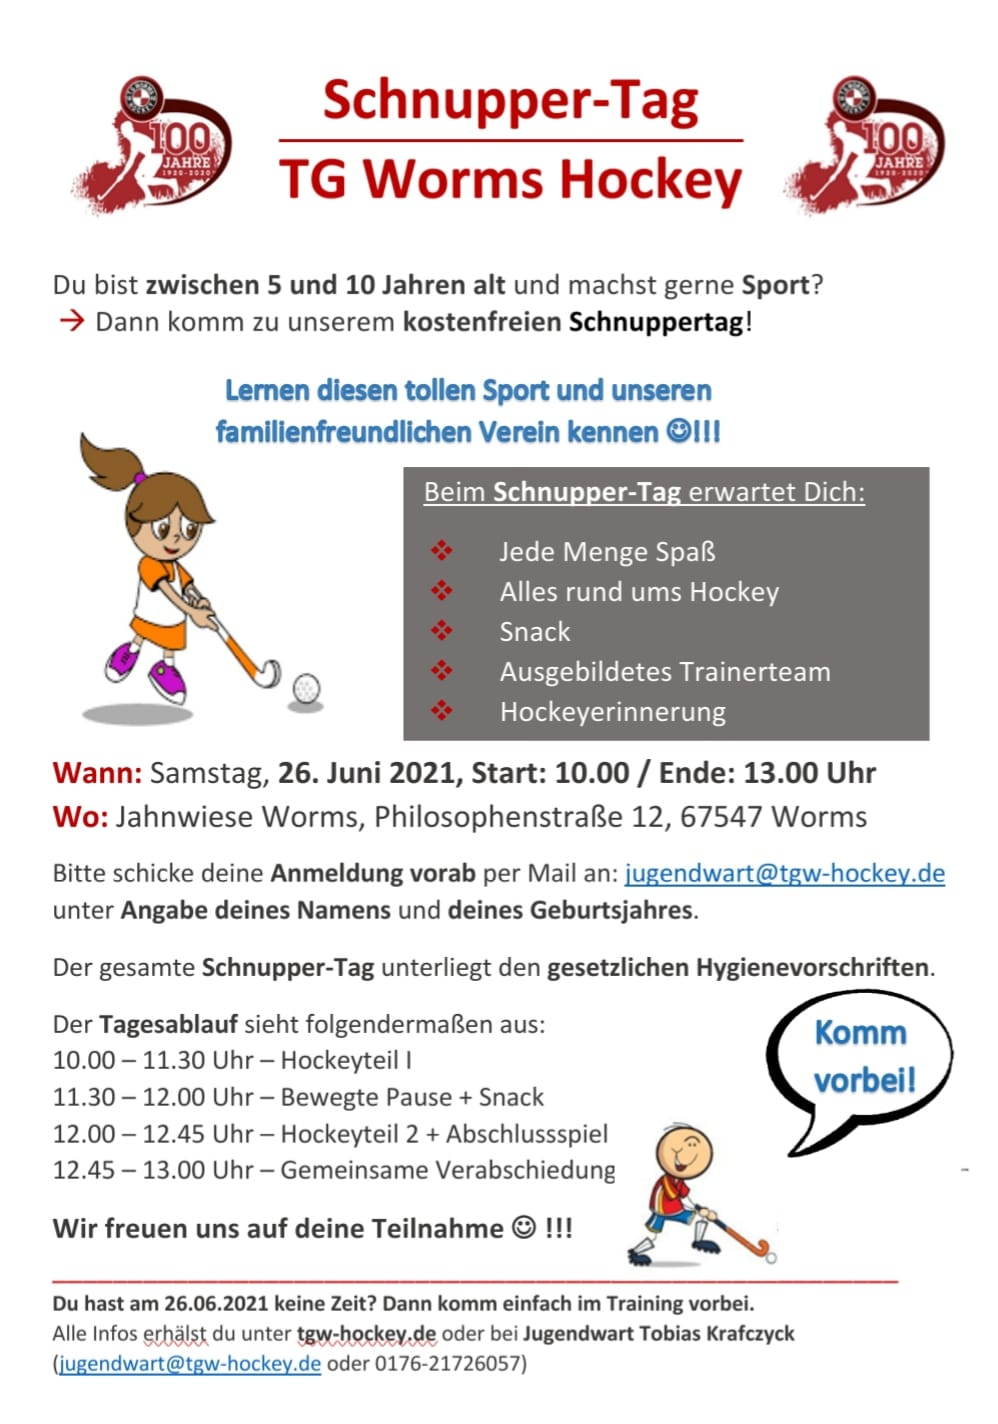 Schnuppertag TG Worms Hockey